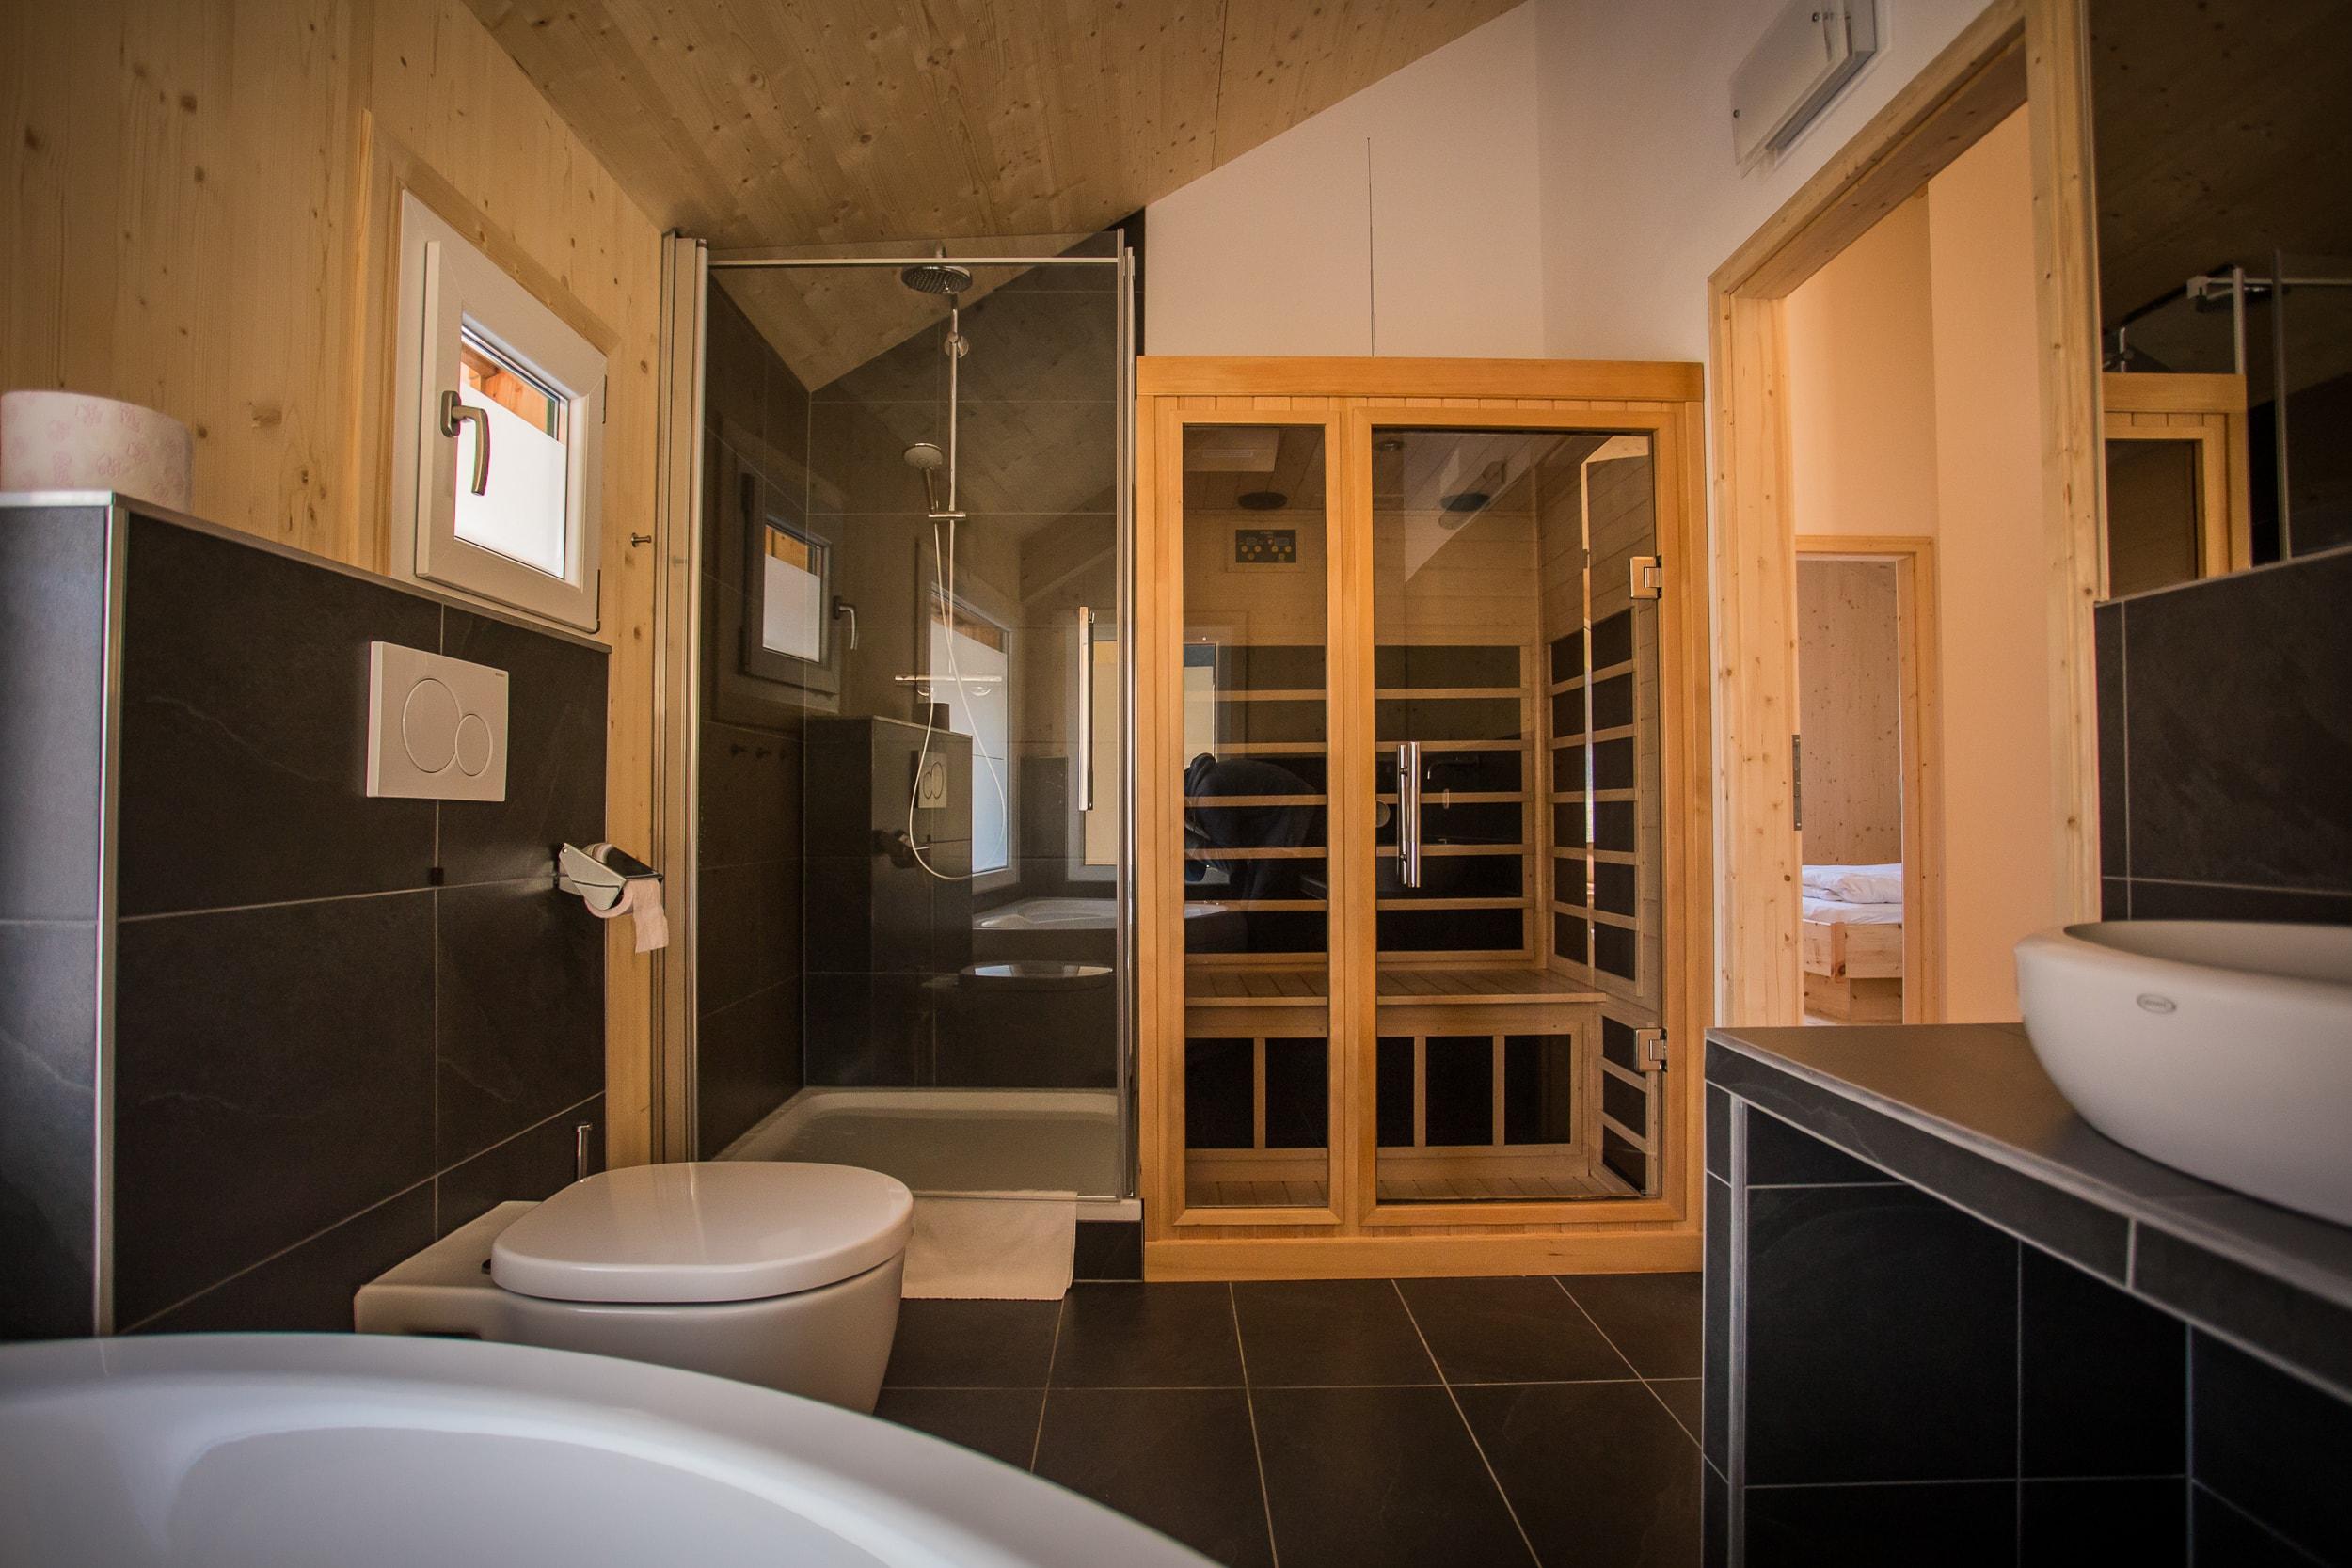 Badkamer met sauna